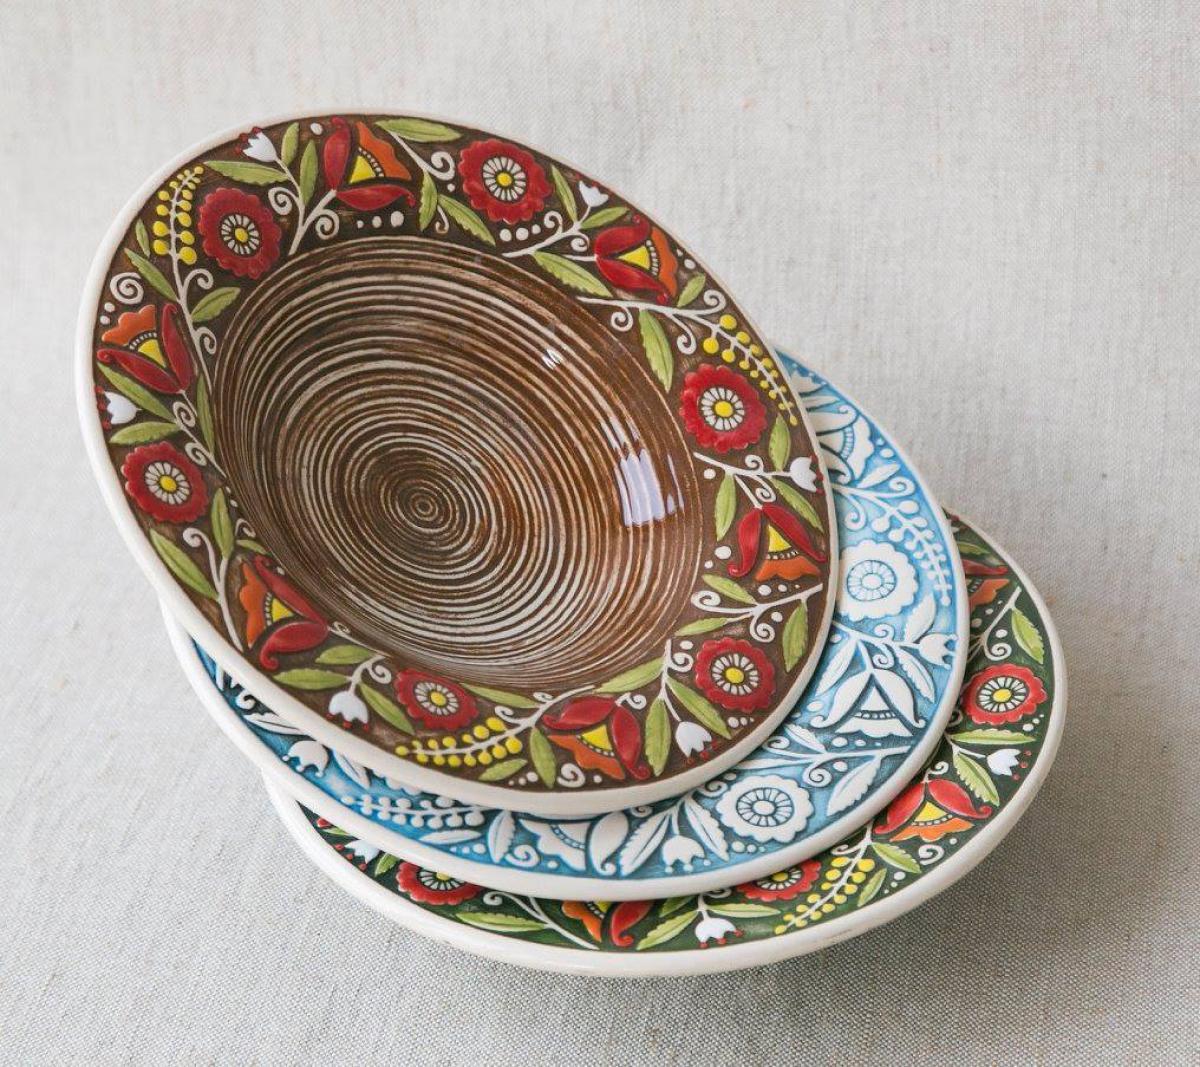 Супова тарілка – 350 мл, Небесно-блакитний колір. Фото №4. | Народний дім Україна